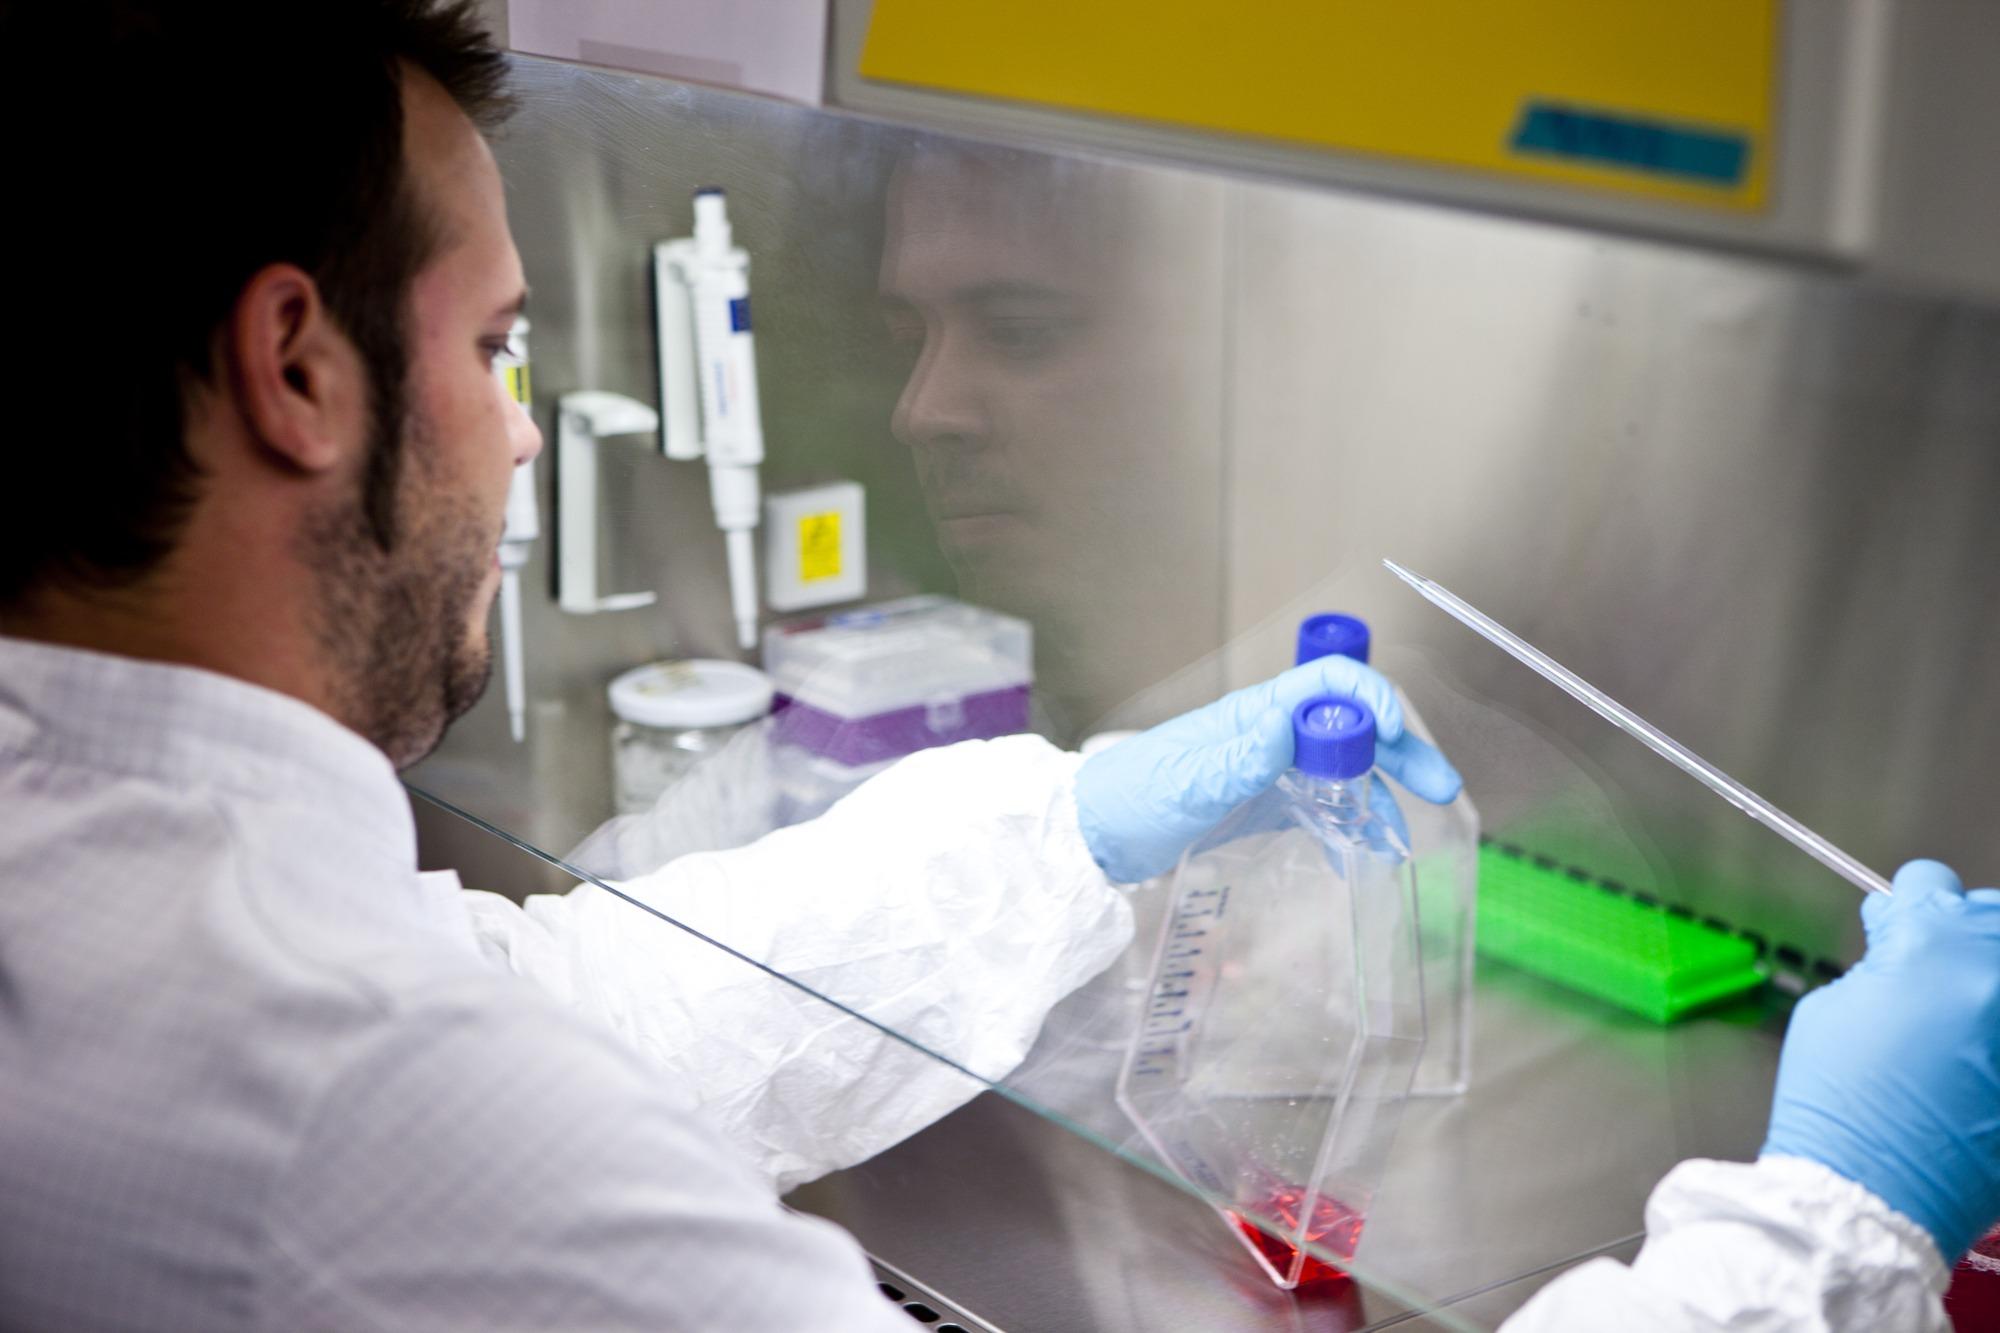 Investigadores del centro granadino Genyo desarrollan un estudio para combatir el Síndrome de Sjögren